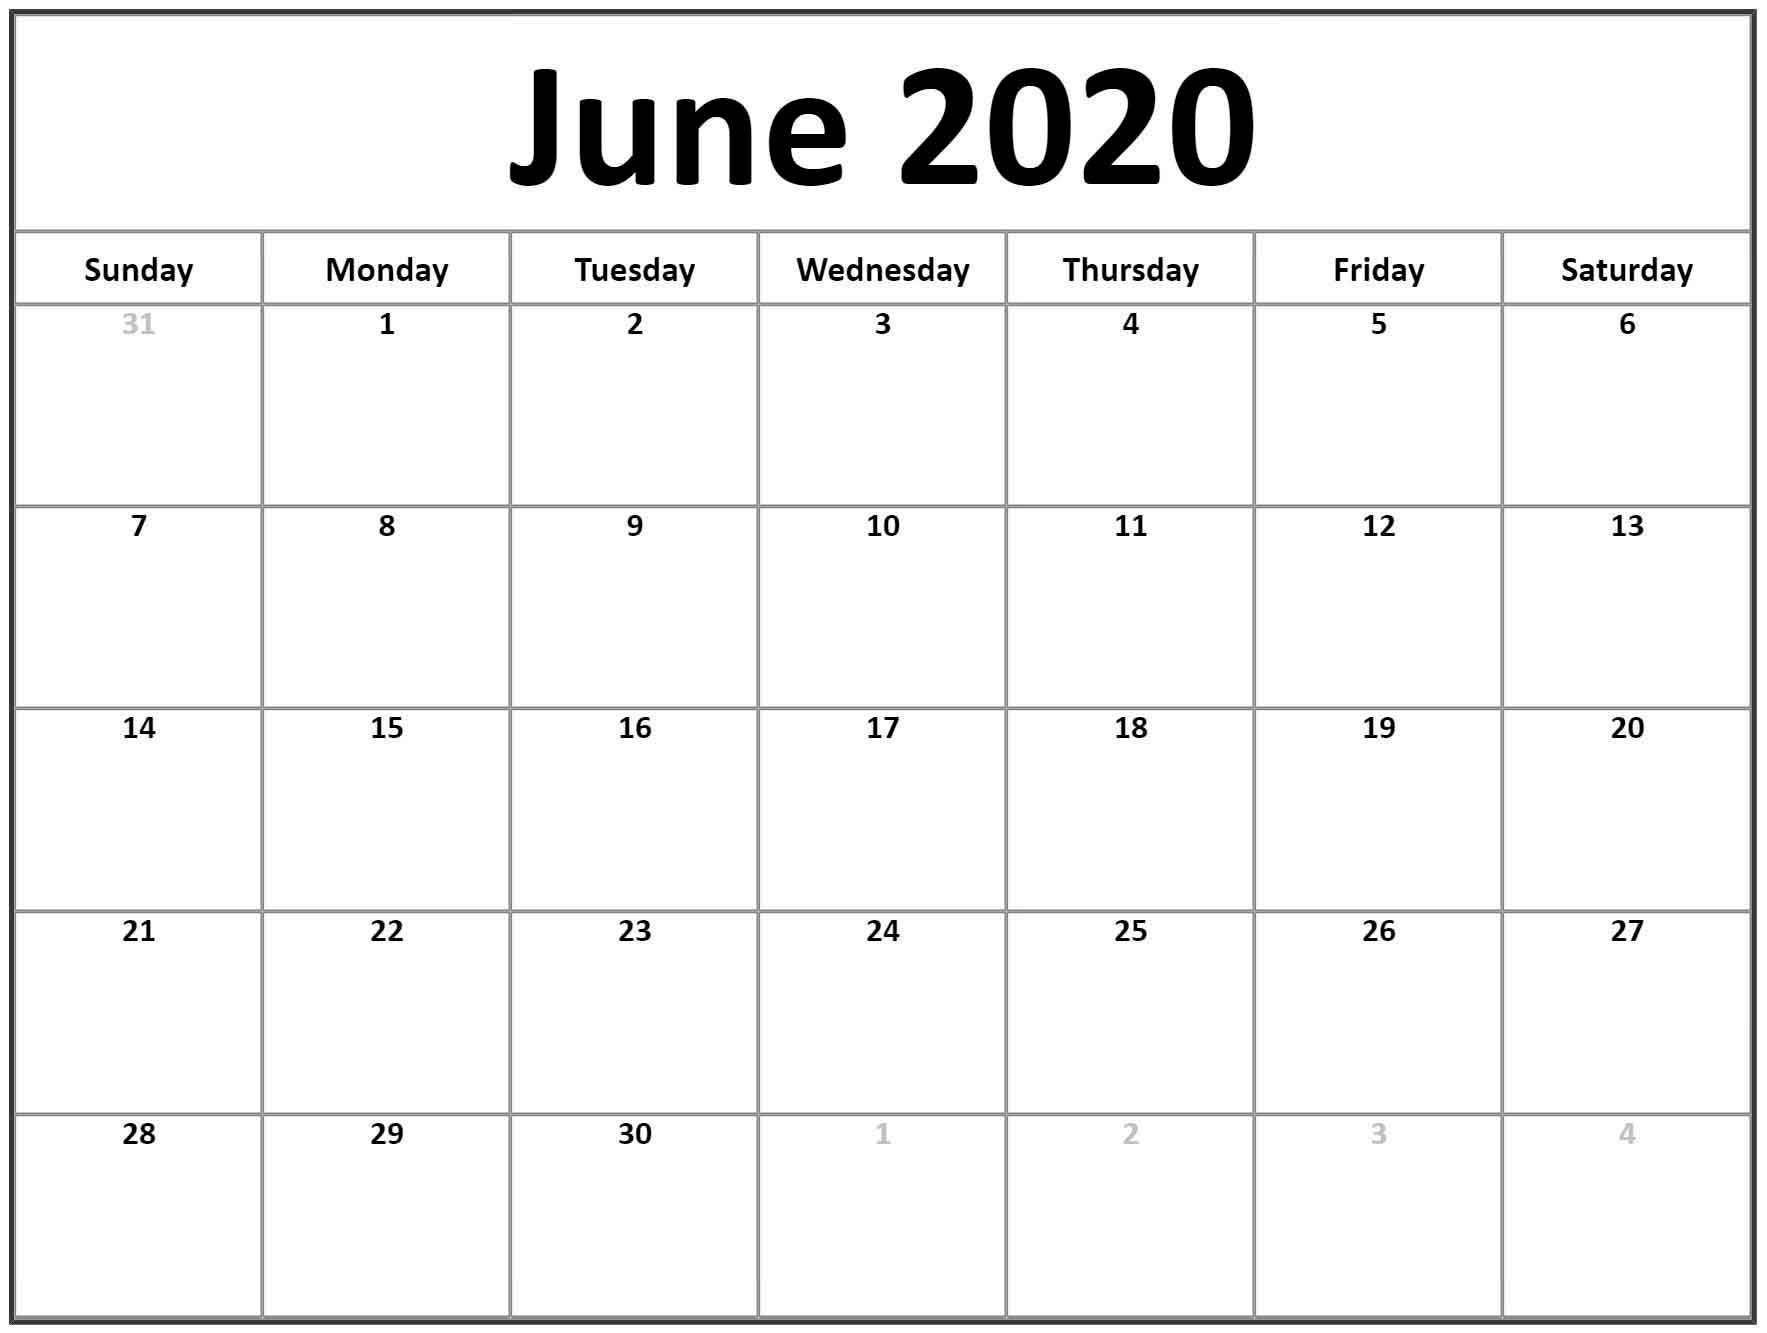 008 Incredible Printable Calendar Template June 2020 Photo  FreeFull